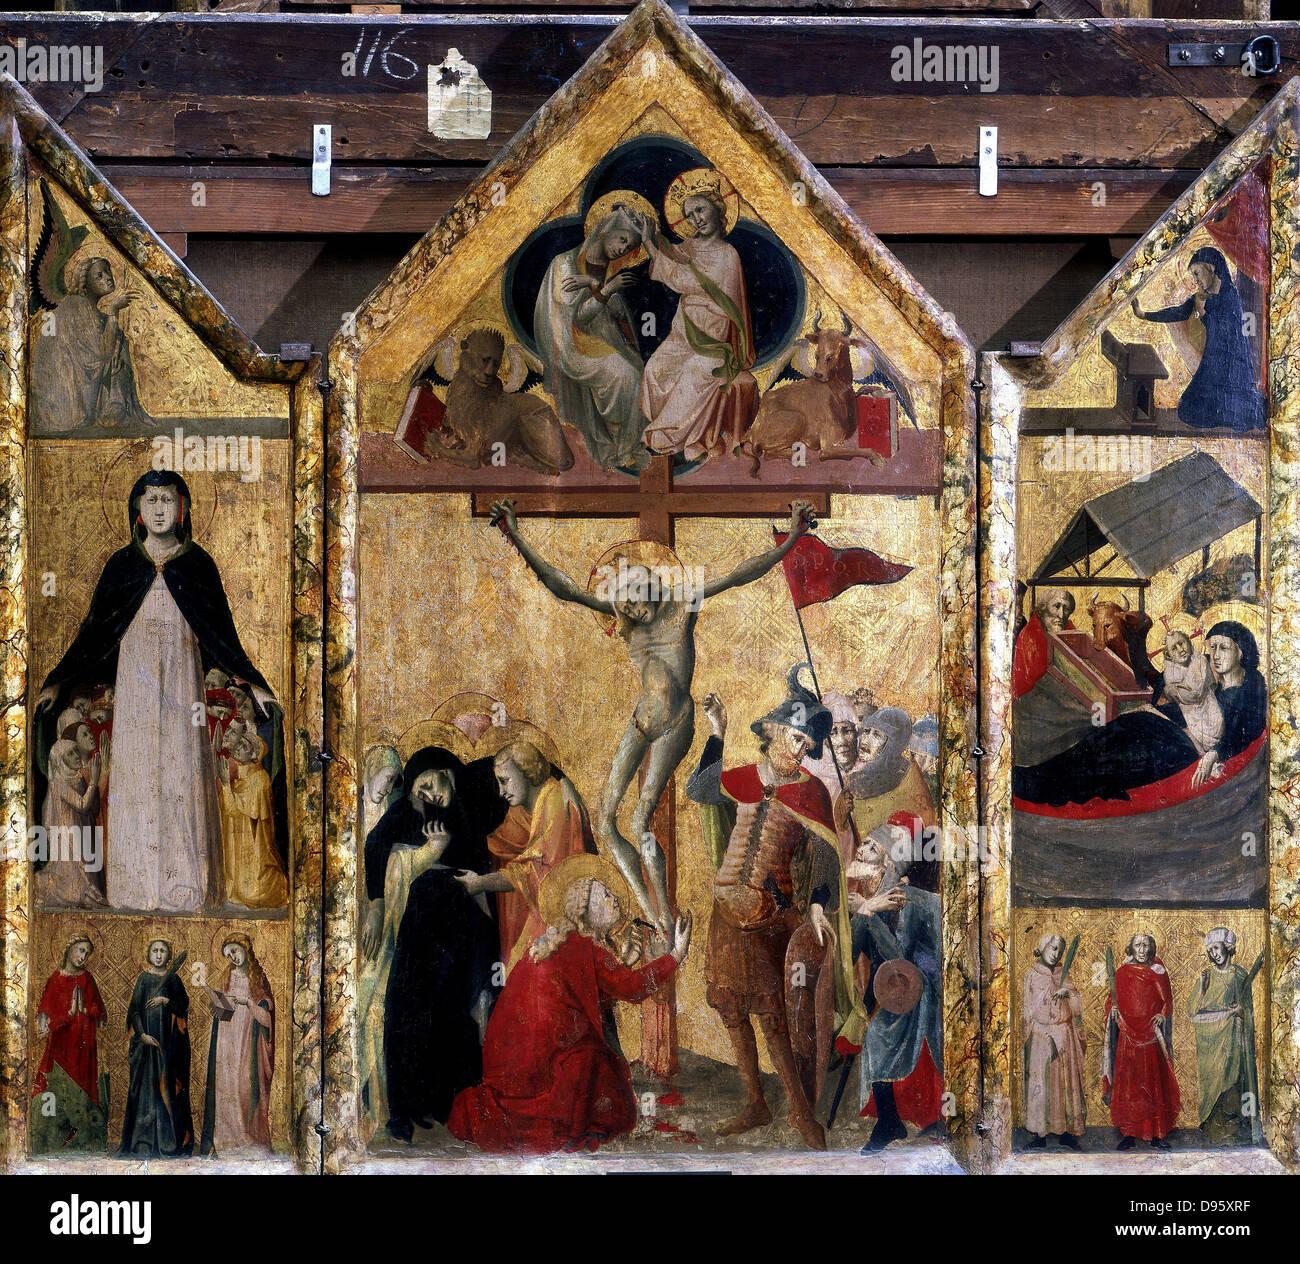 Triptychon mit Kreuzigung als Mitteltafel. Meister von Bologna, 15. Jahrhundert. Stockbild